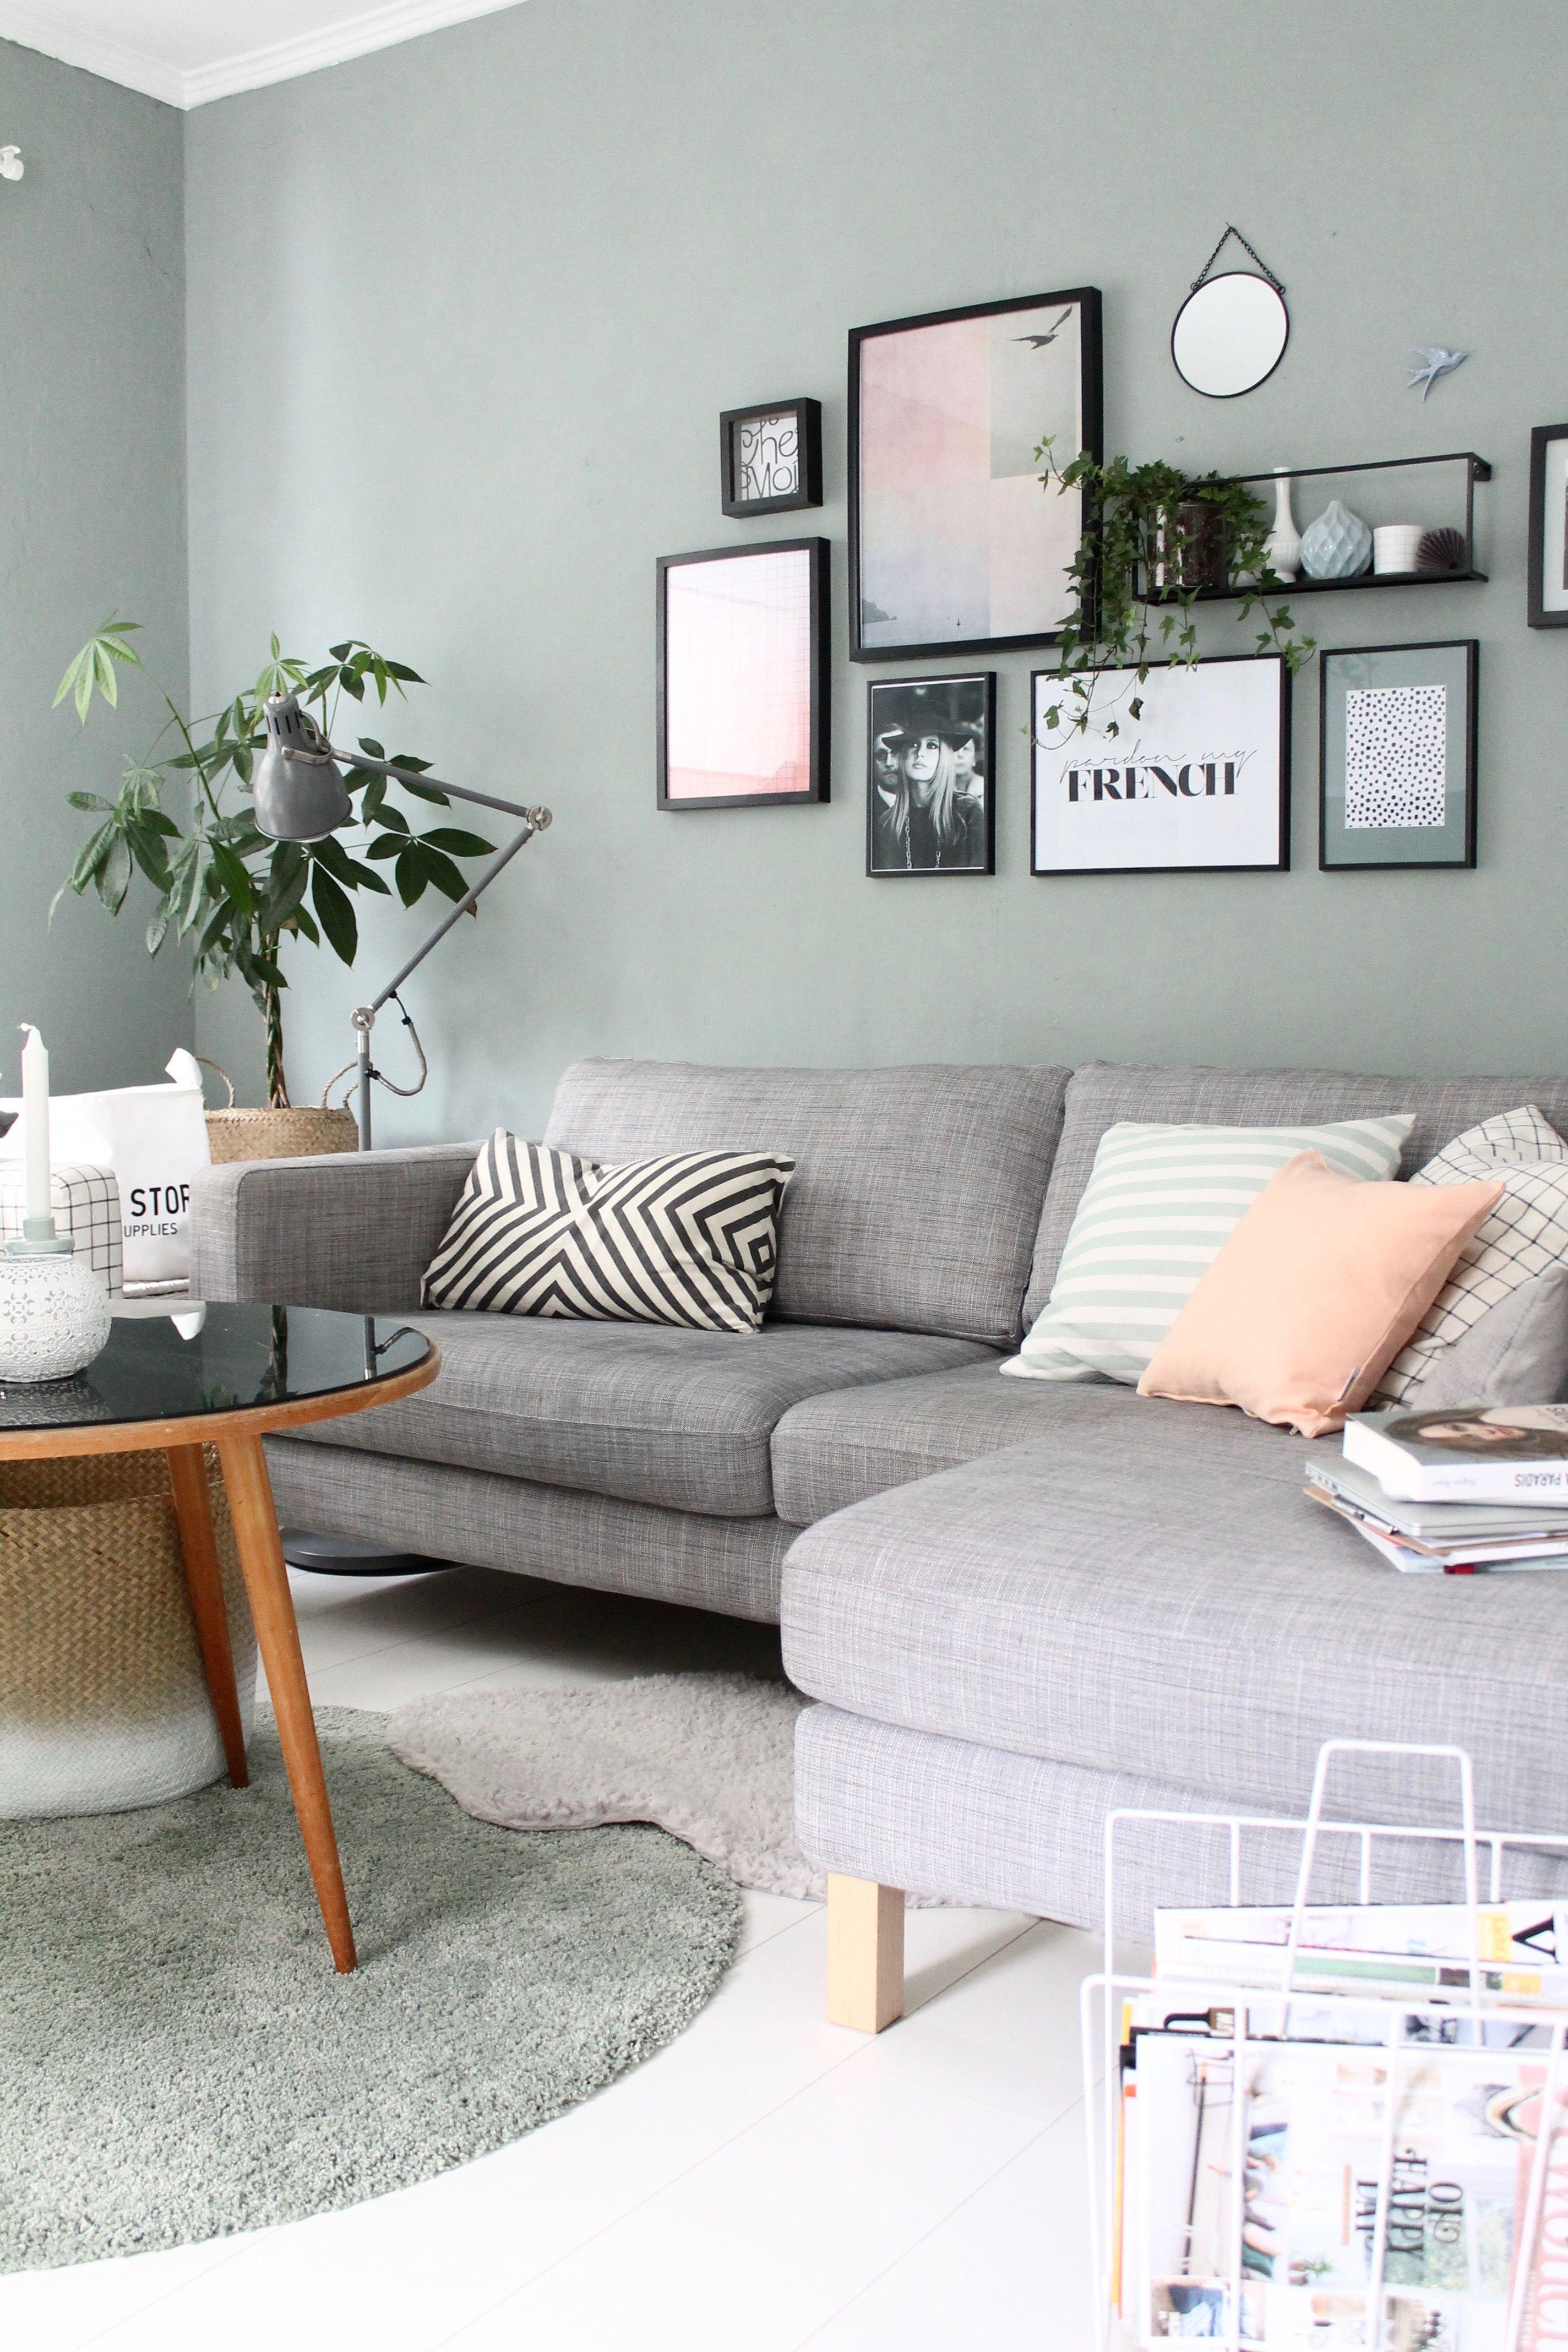 Interior design-ideen wohnzimmer mit tv im wohnzimmer  wohnzimmer  pinterest  interiors living rooms and